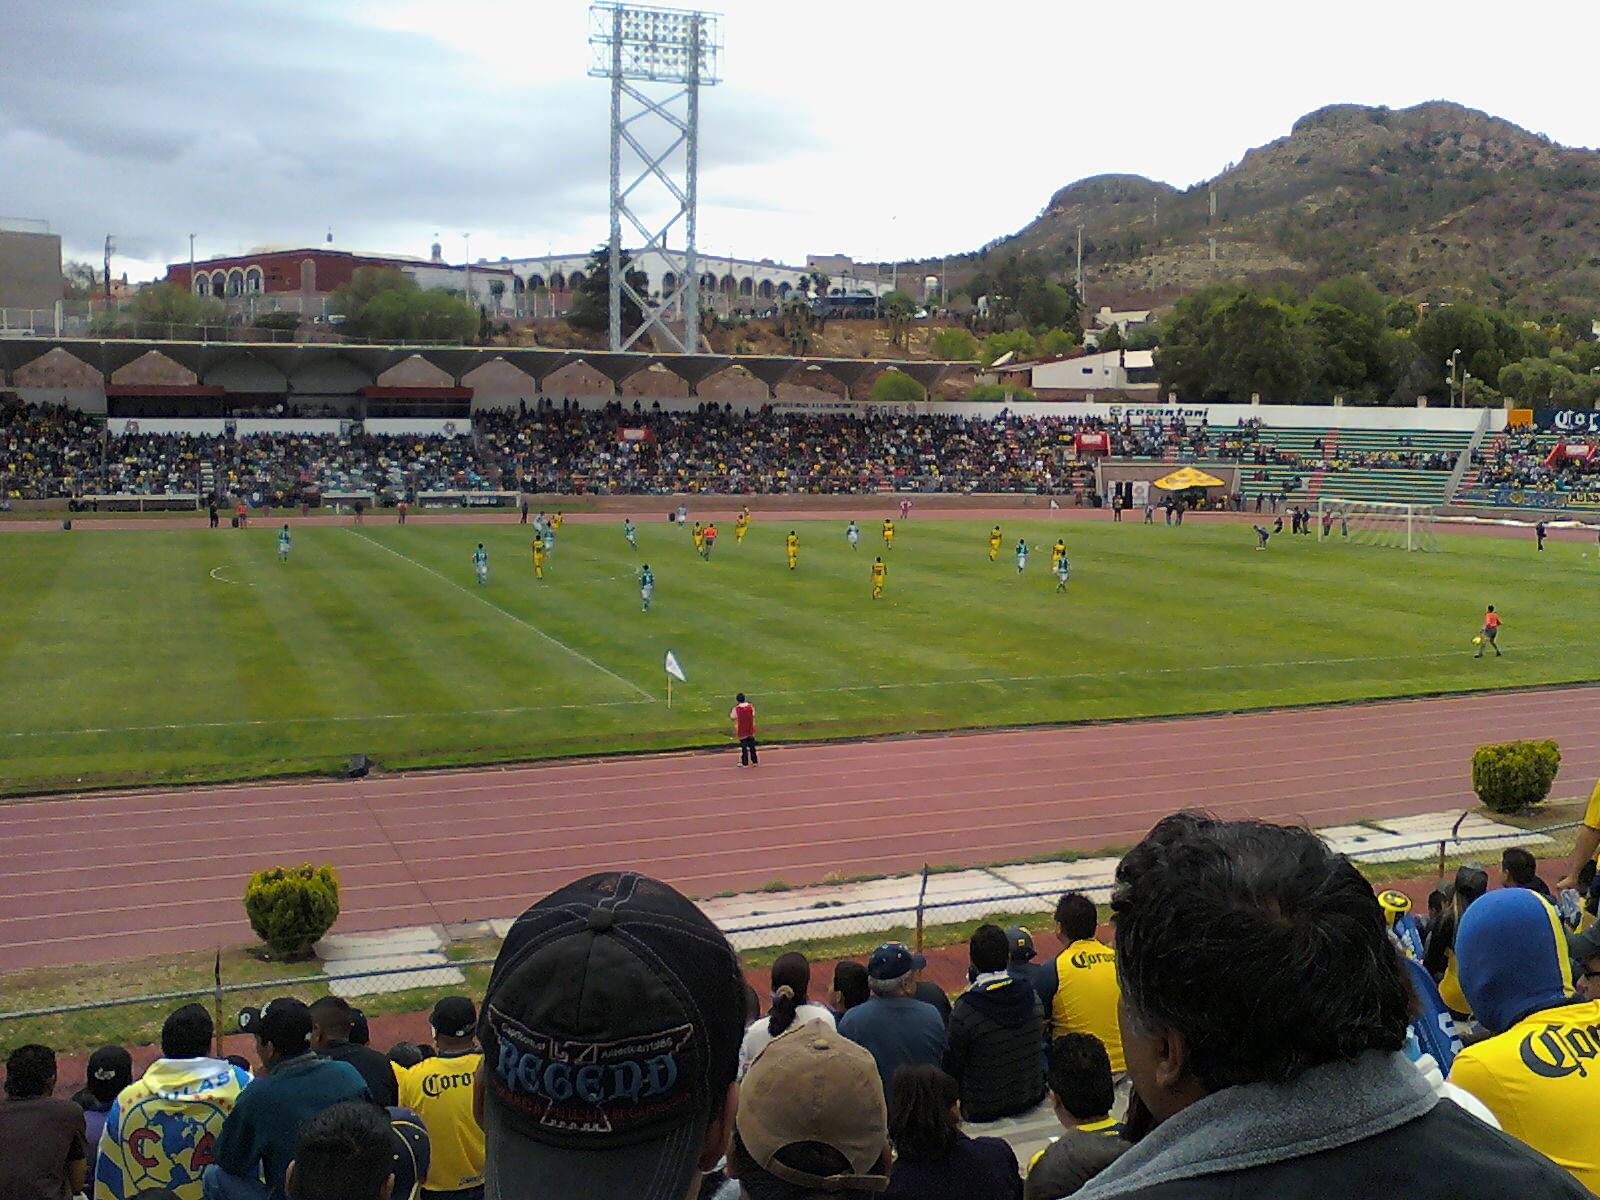 Estadio francisco villa wikipedia for Villas universidad zacatecas